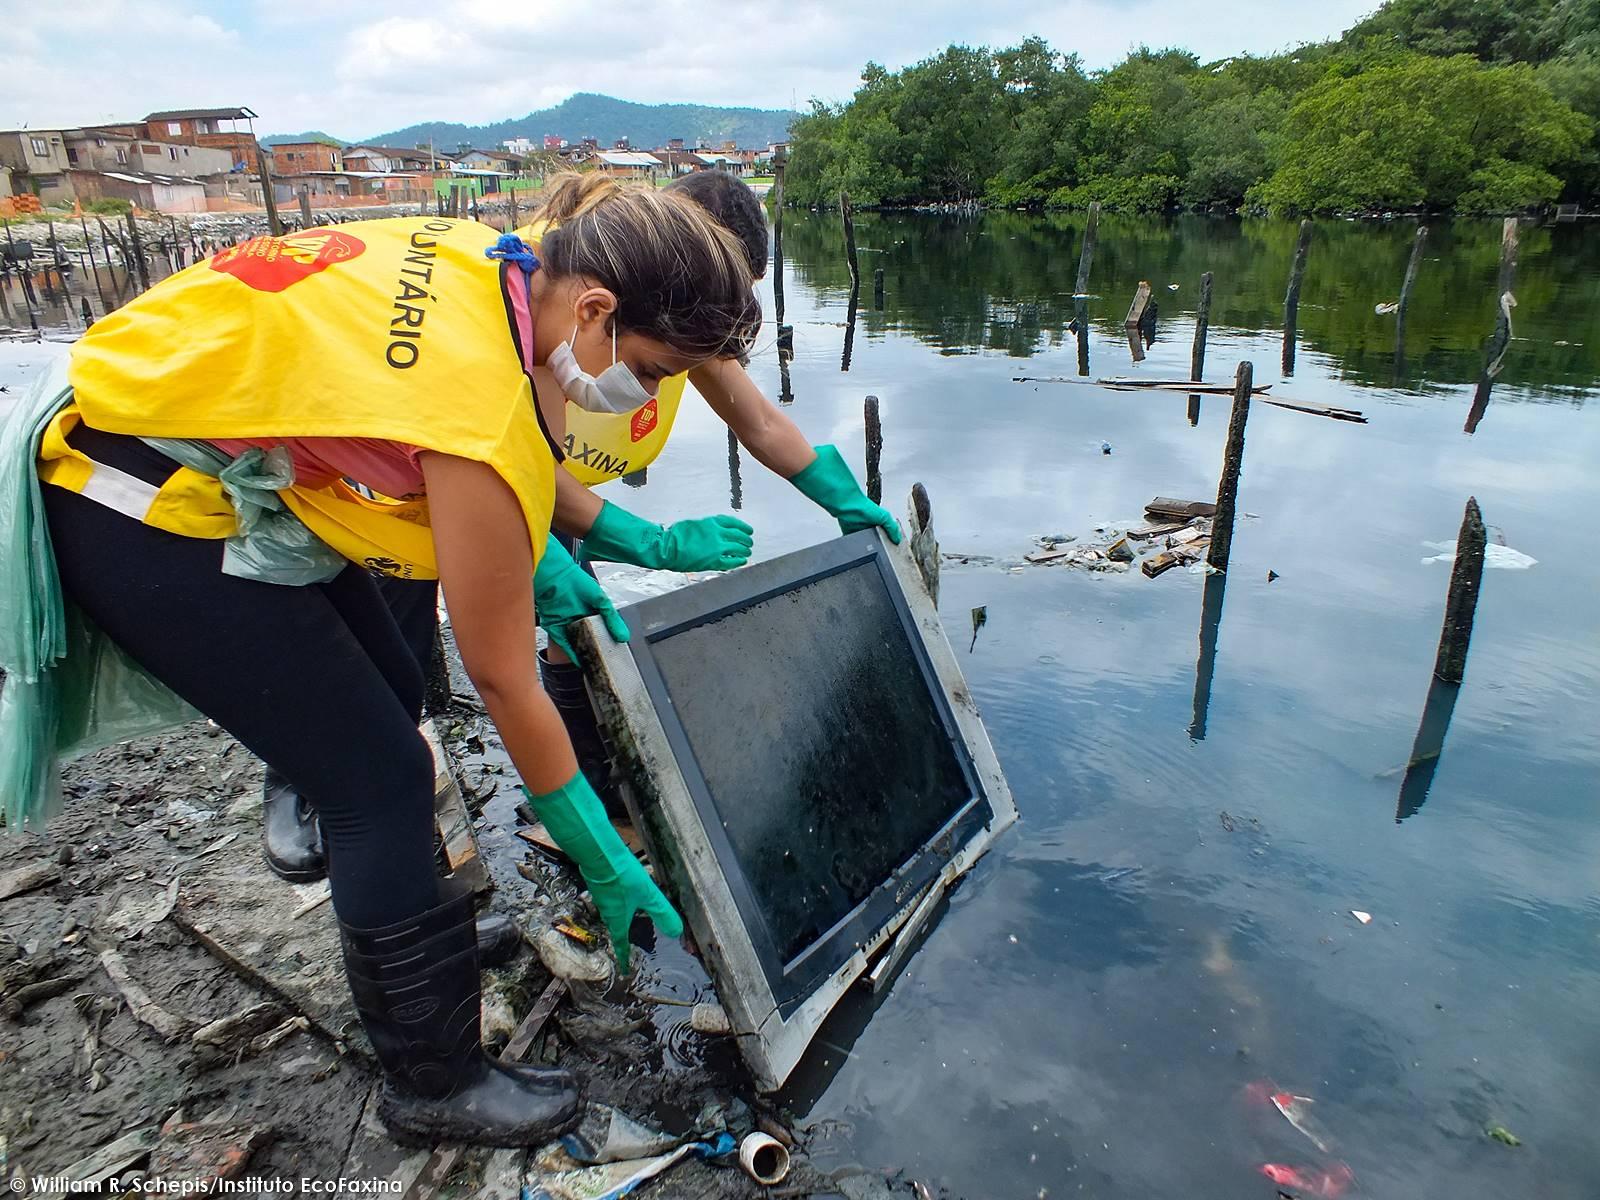 A recuperação de áreas degradadas de mangue, se atrelada a políticas públicas habitacionais, tem como objetivo tornar-se uma ferramenta de congelamento das favelas, auxiliando a Defesa Civil no trabalho de contenção das invasões.